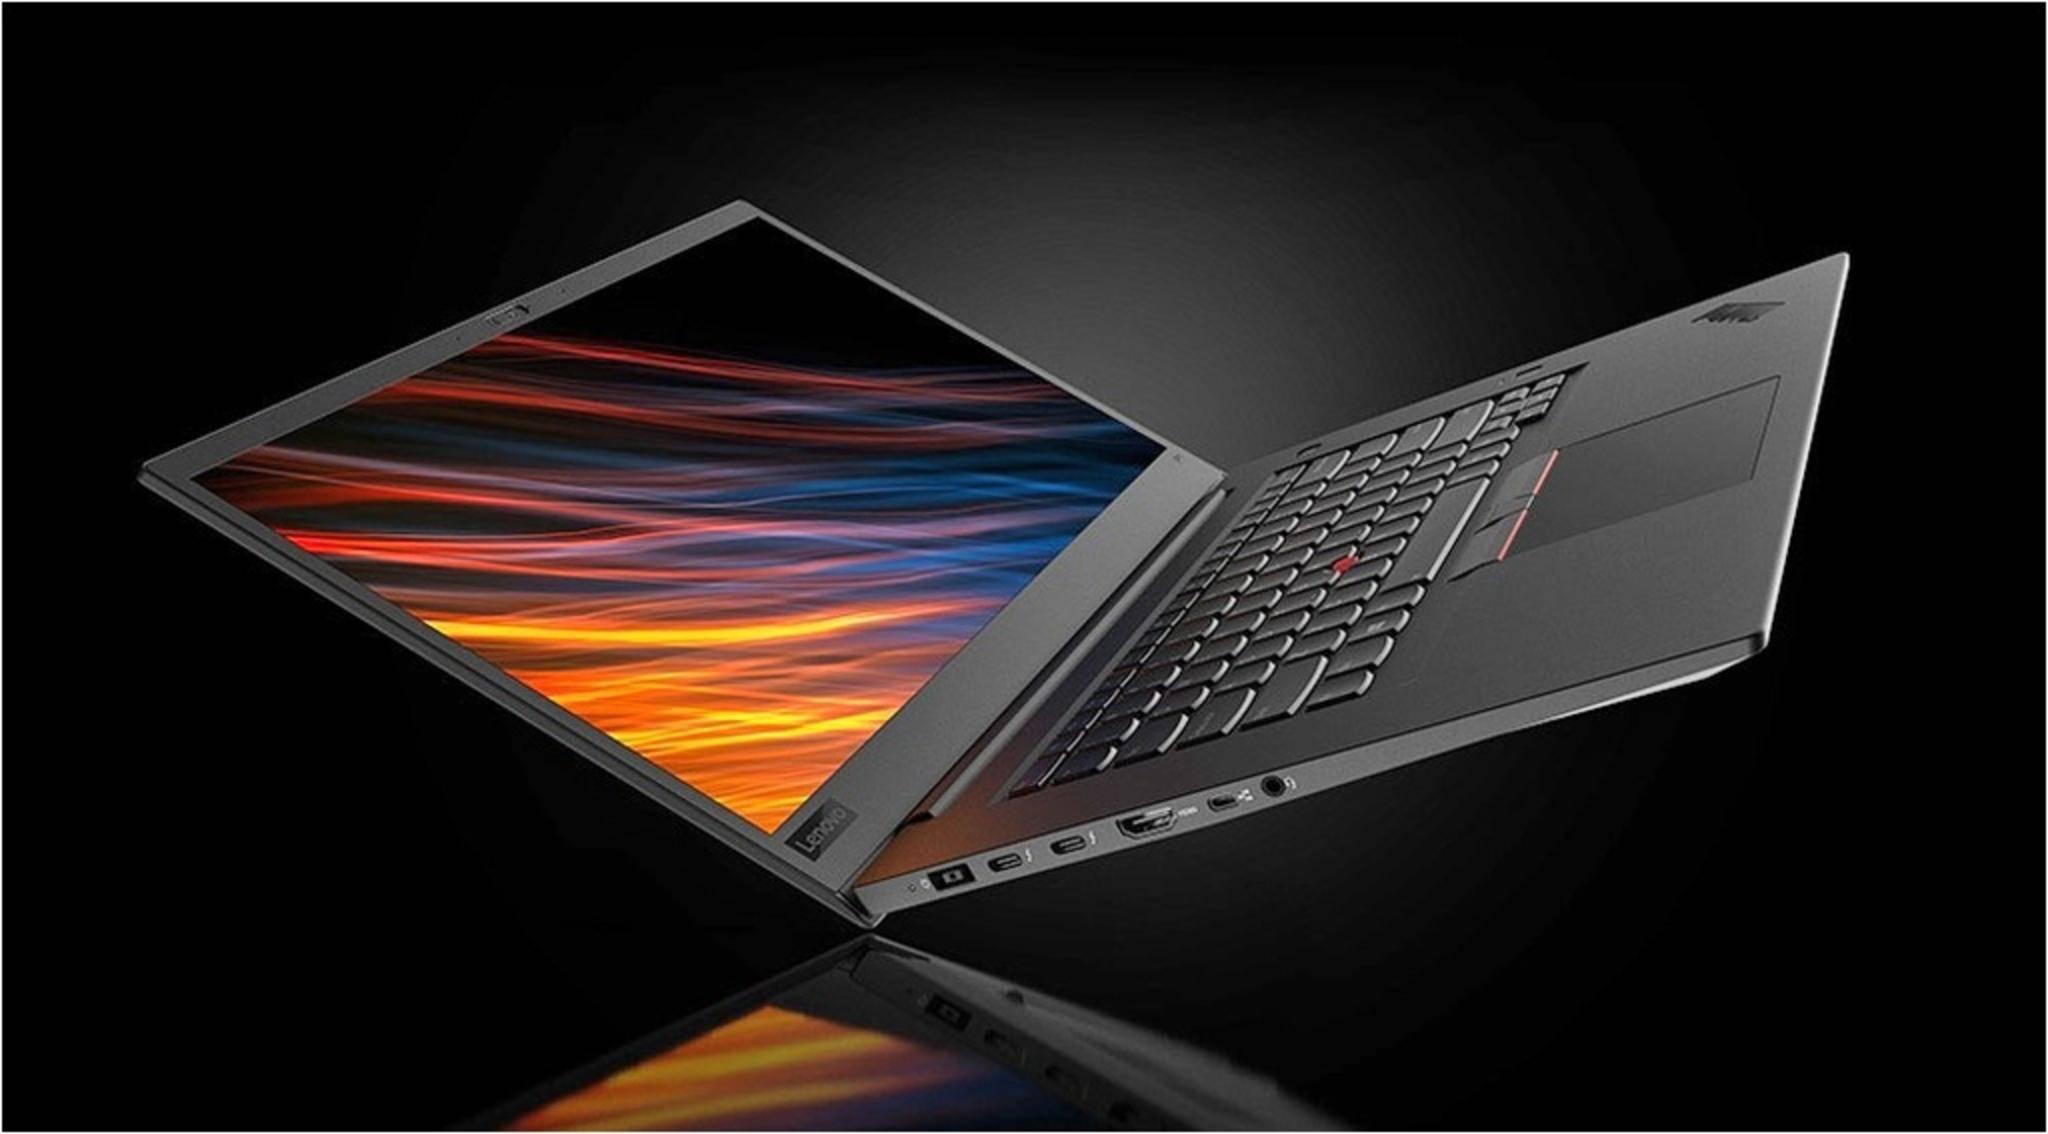 Das Lenovo ThinkPad P1 ist eine neue Alternative zu anderen Workstation-Laptops wie dem Dell Precision 5530.